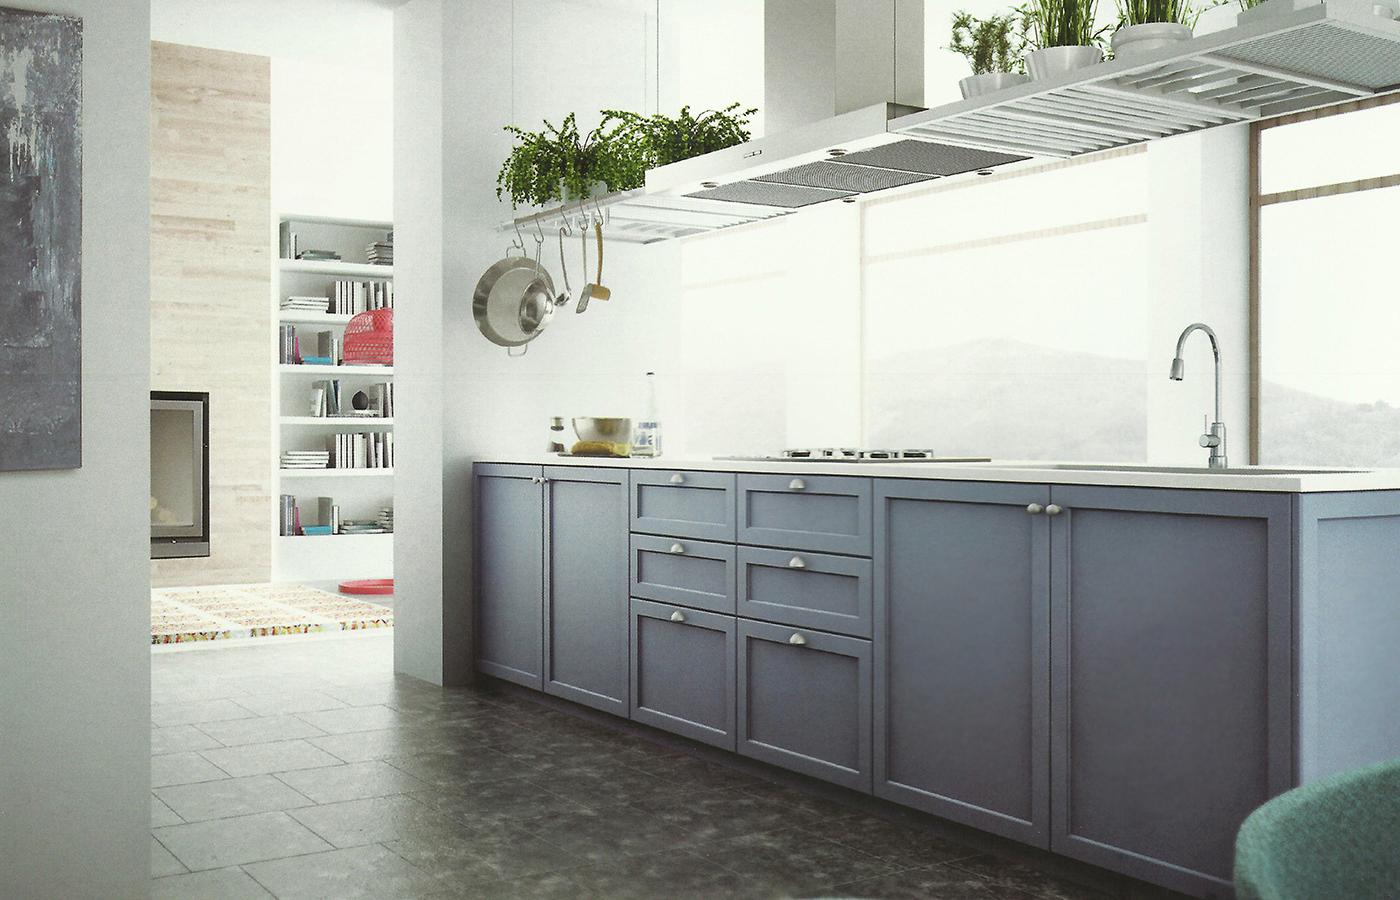 Cocinas rusticas muebles de cocina para cocinas rusticas for Cocinas integrales clasicas